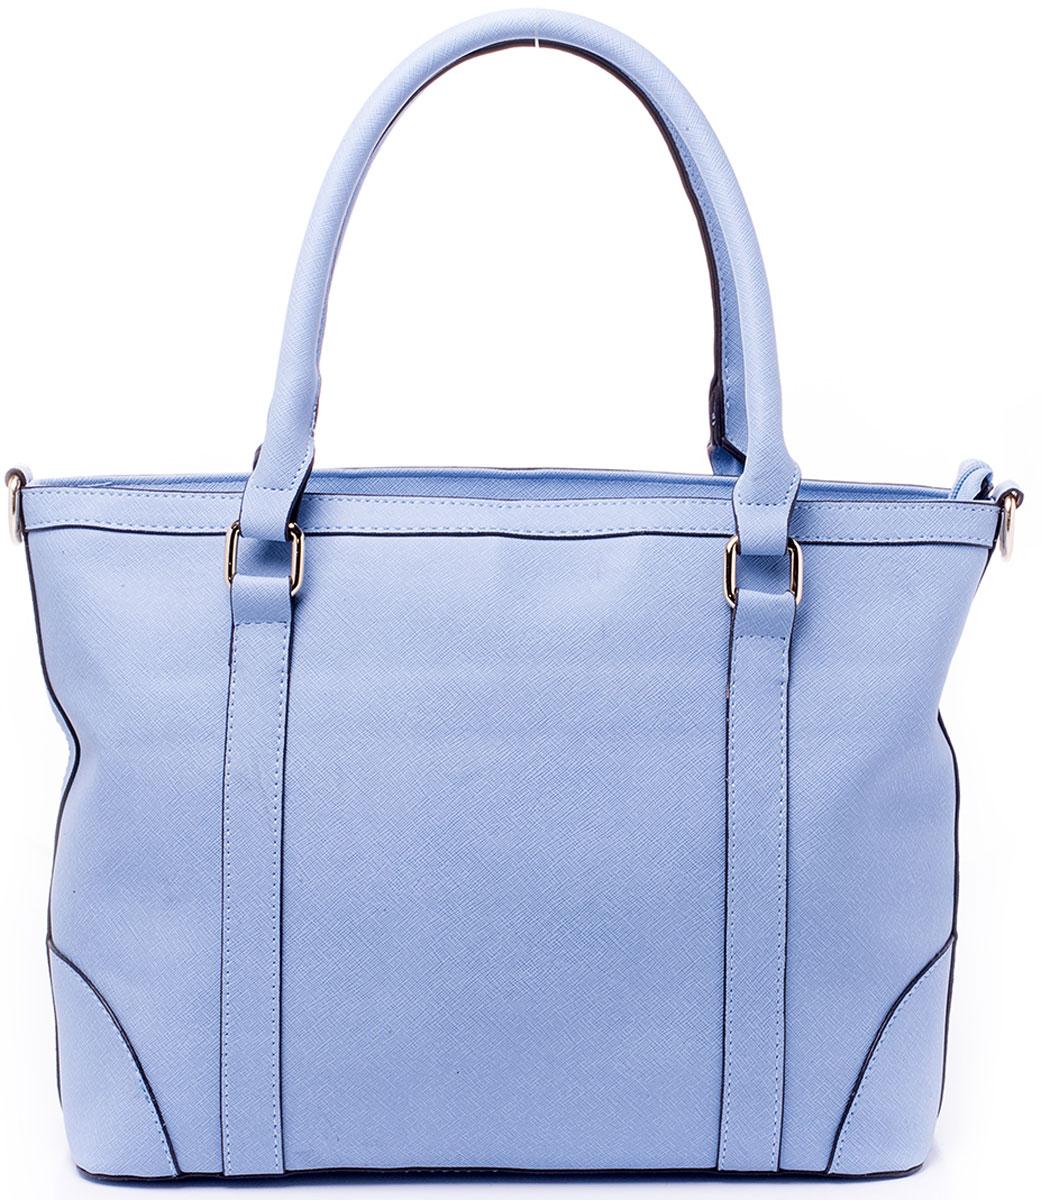 Сумка женская Renee Kler, цвет: голубой. RK7007-16EQW-M710DB-1A1Минималистичная сумка Renee Kler выполнена из экокожи. Изделие имеет одно вместительное отделение, закрывающееся на застежку-молнию и разграниченное надвое карманом-разделителем так же на молнии. Внутри главного отделения - два открытых накладных кармана для мелочей и вшитый карман на застежке-молнии. Сзади сумки так же находится прорезной карман на молнии. Изделие имеет две комфортные для переноски ручки на кольцах и отстегивающийся регулируемый наплечный ремень.